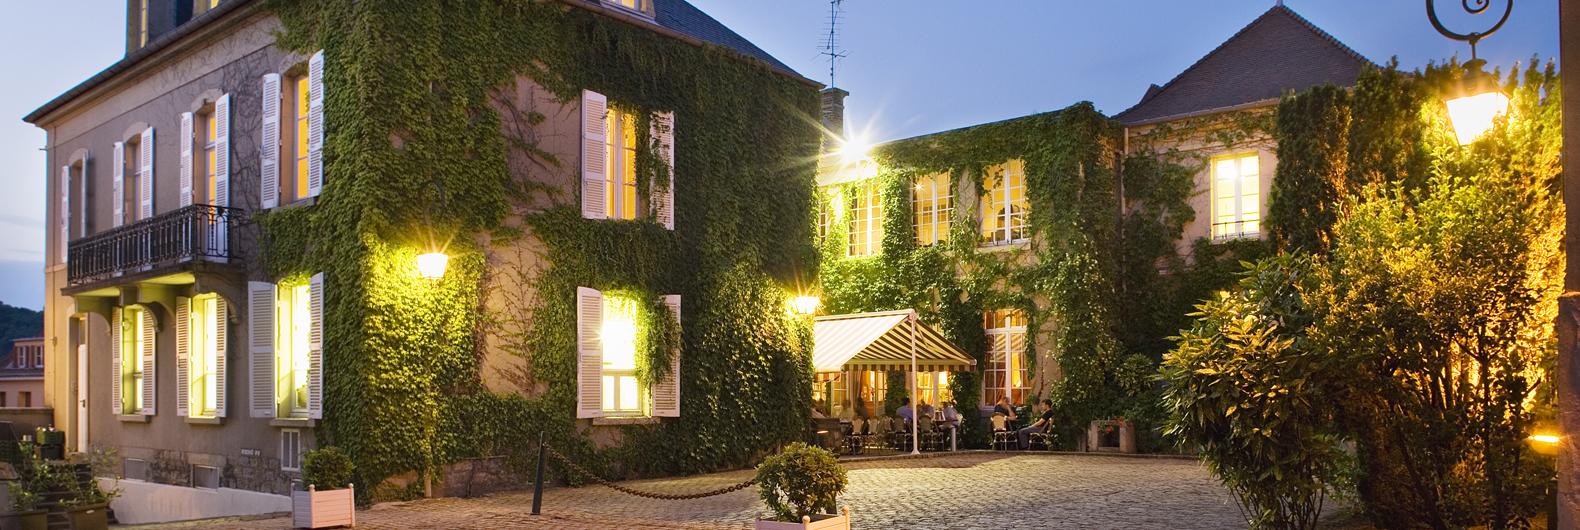 Hotel restaurant de charme bourgogne